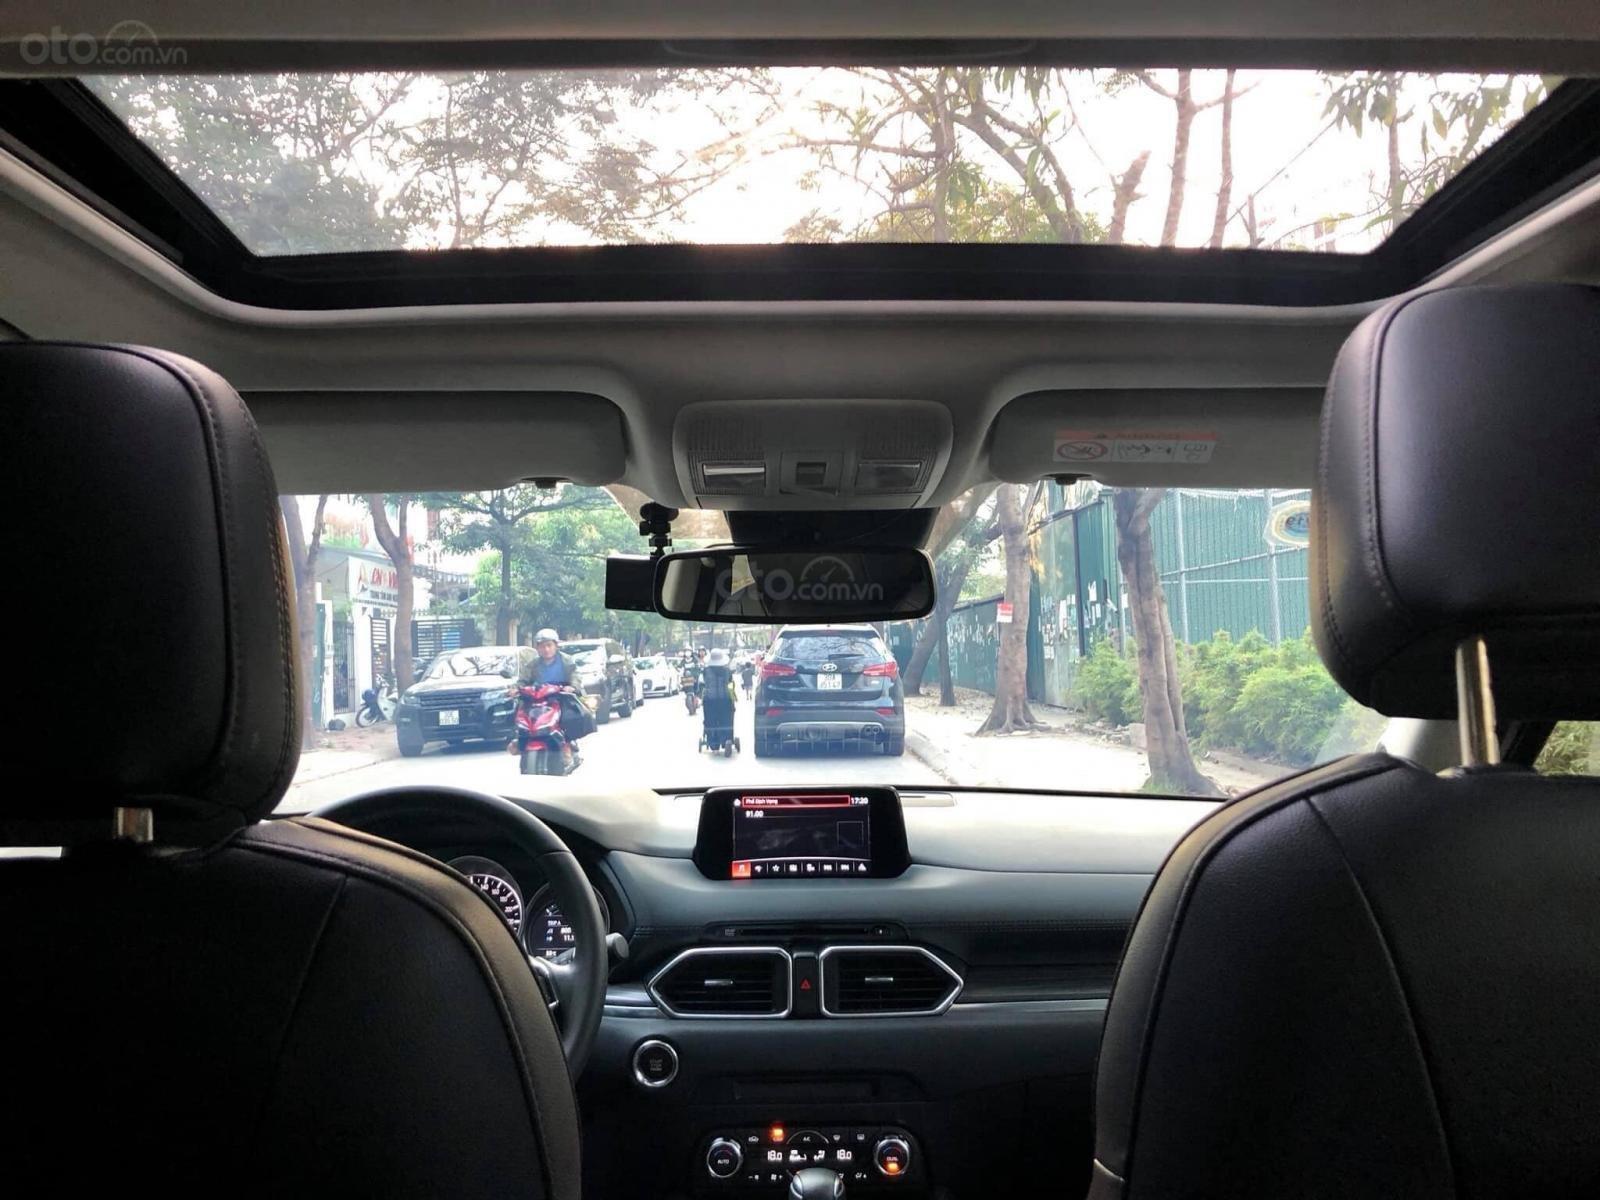 Mazda Biên Hoà- Mazda CX5 ưu đãi lên đến 100 triệu - mr. Khoa 0932 770 005-3